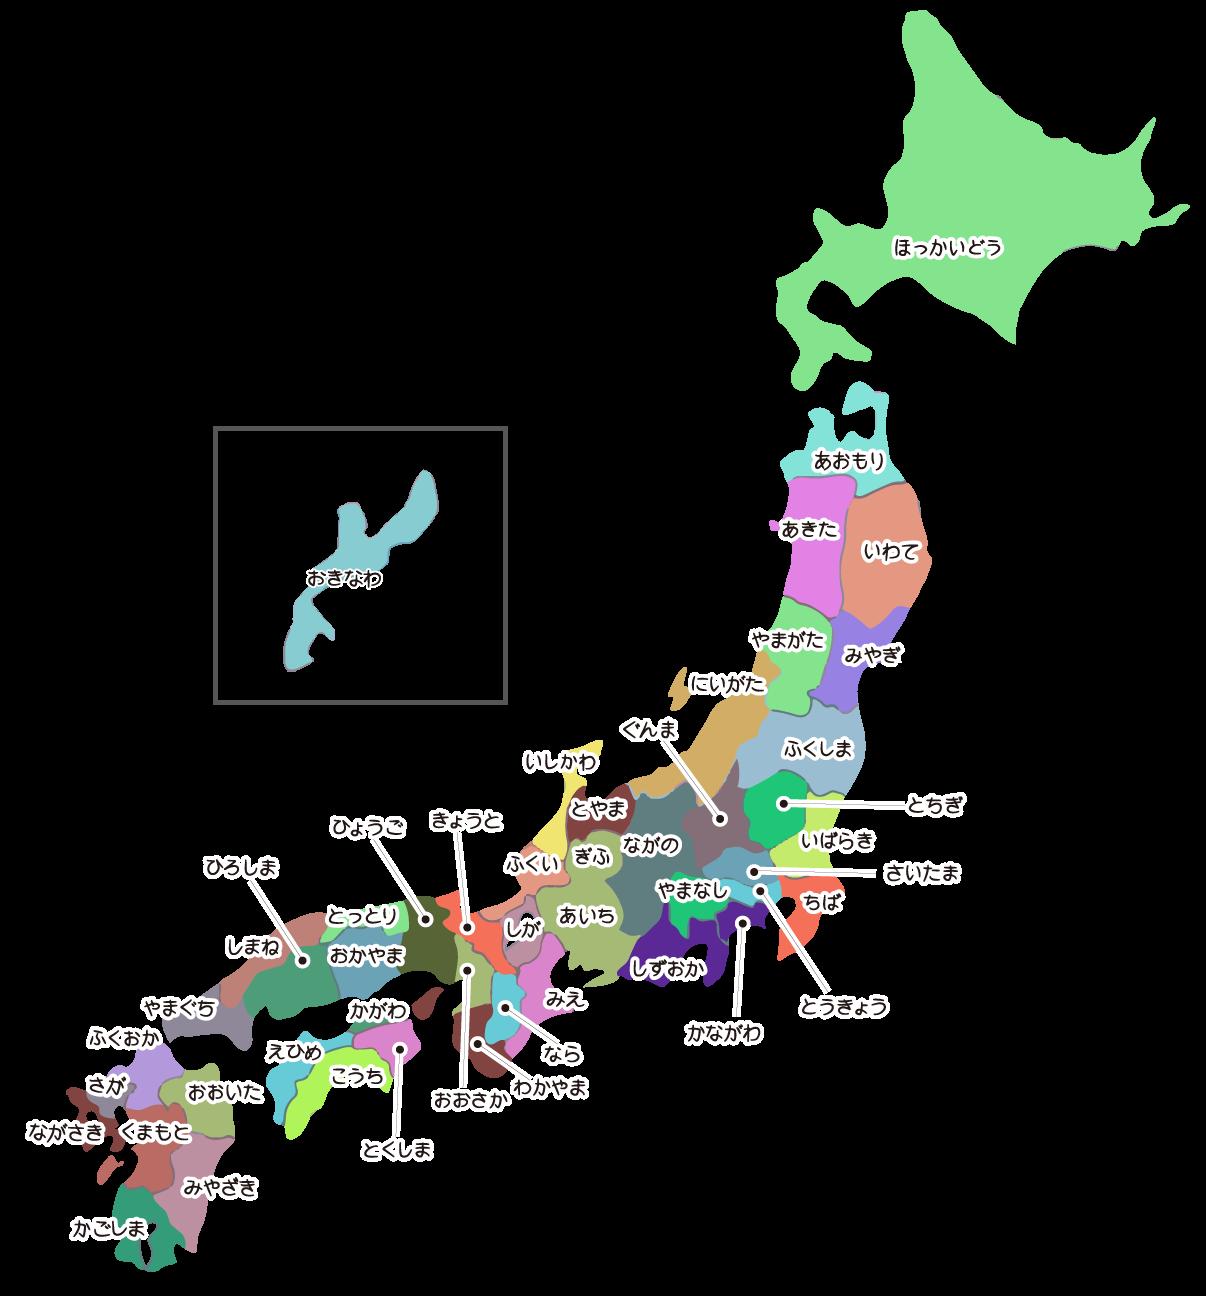 日本地図(名称入り)のイラスト